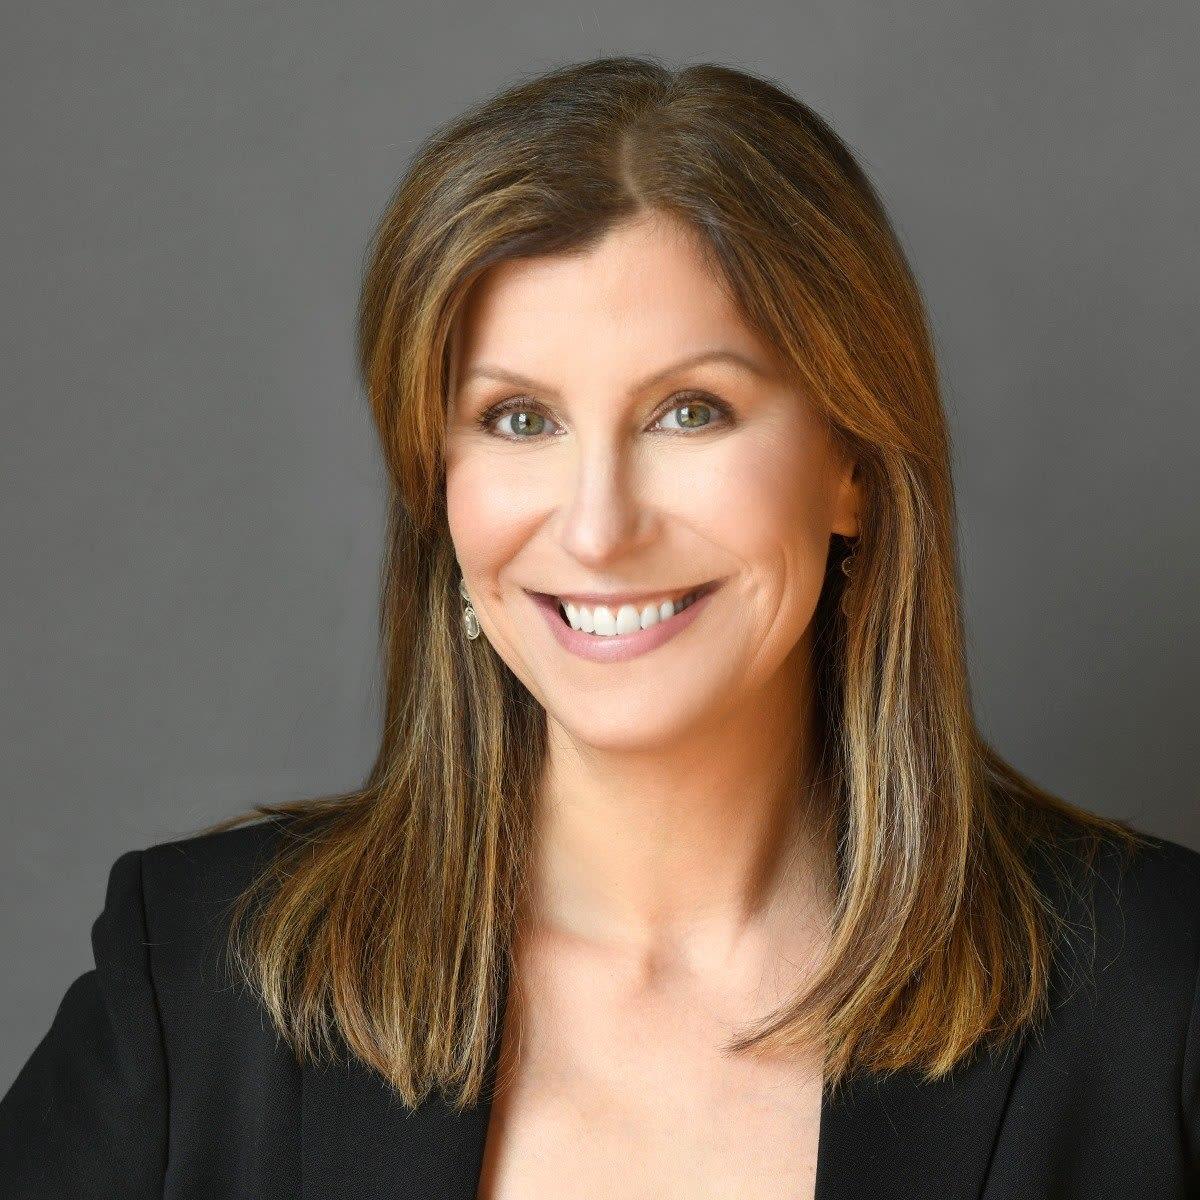 Meet Kelly Zaccaro